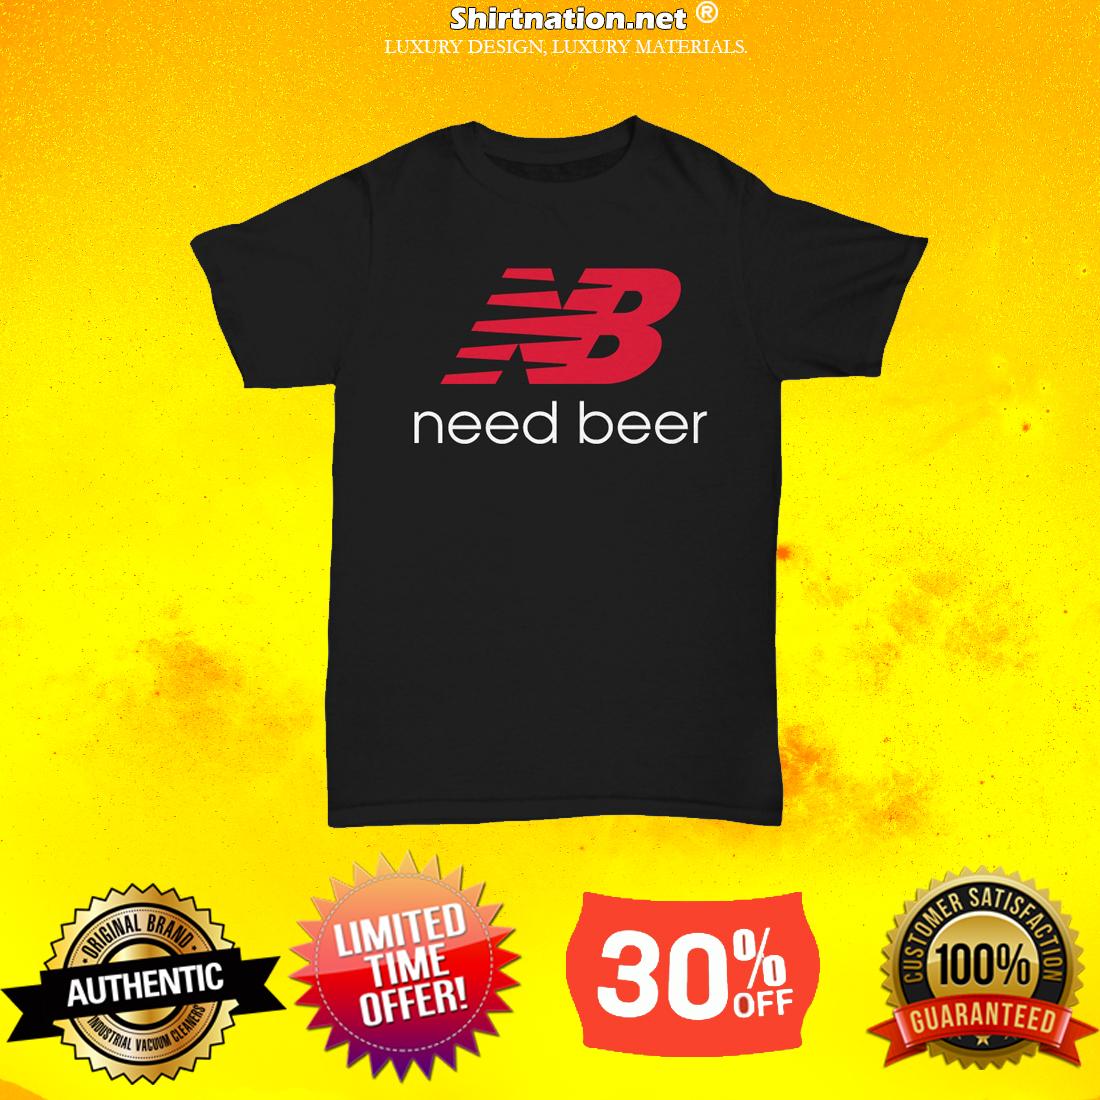 New balance need beer unisex tee shirt